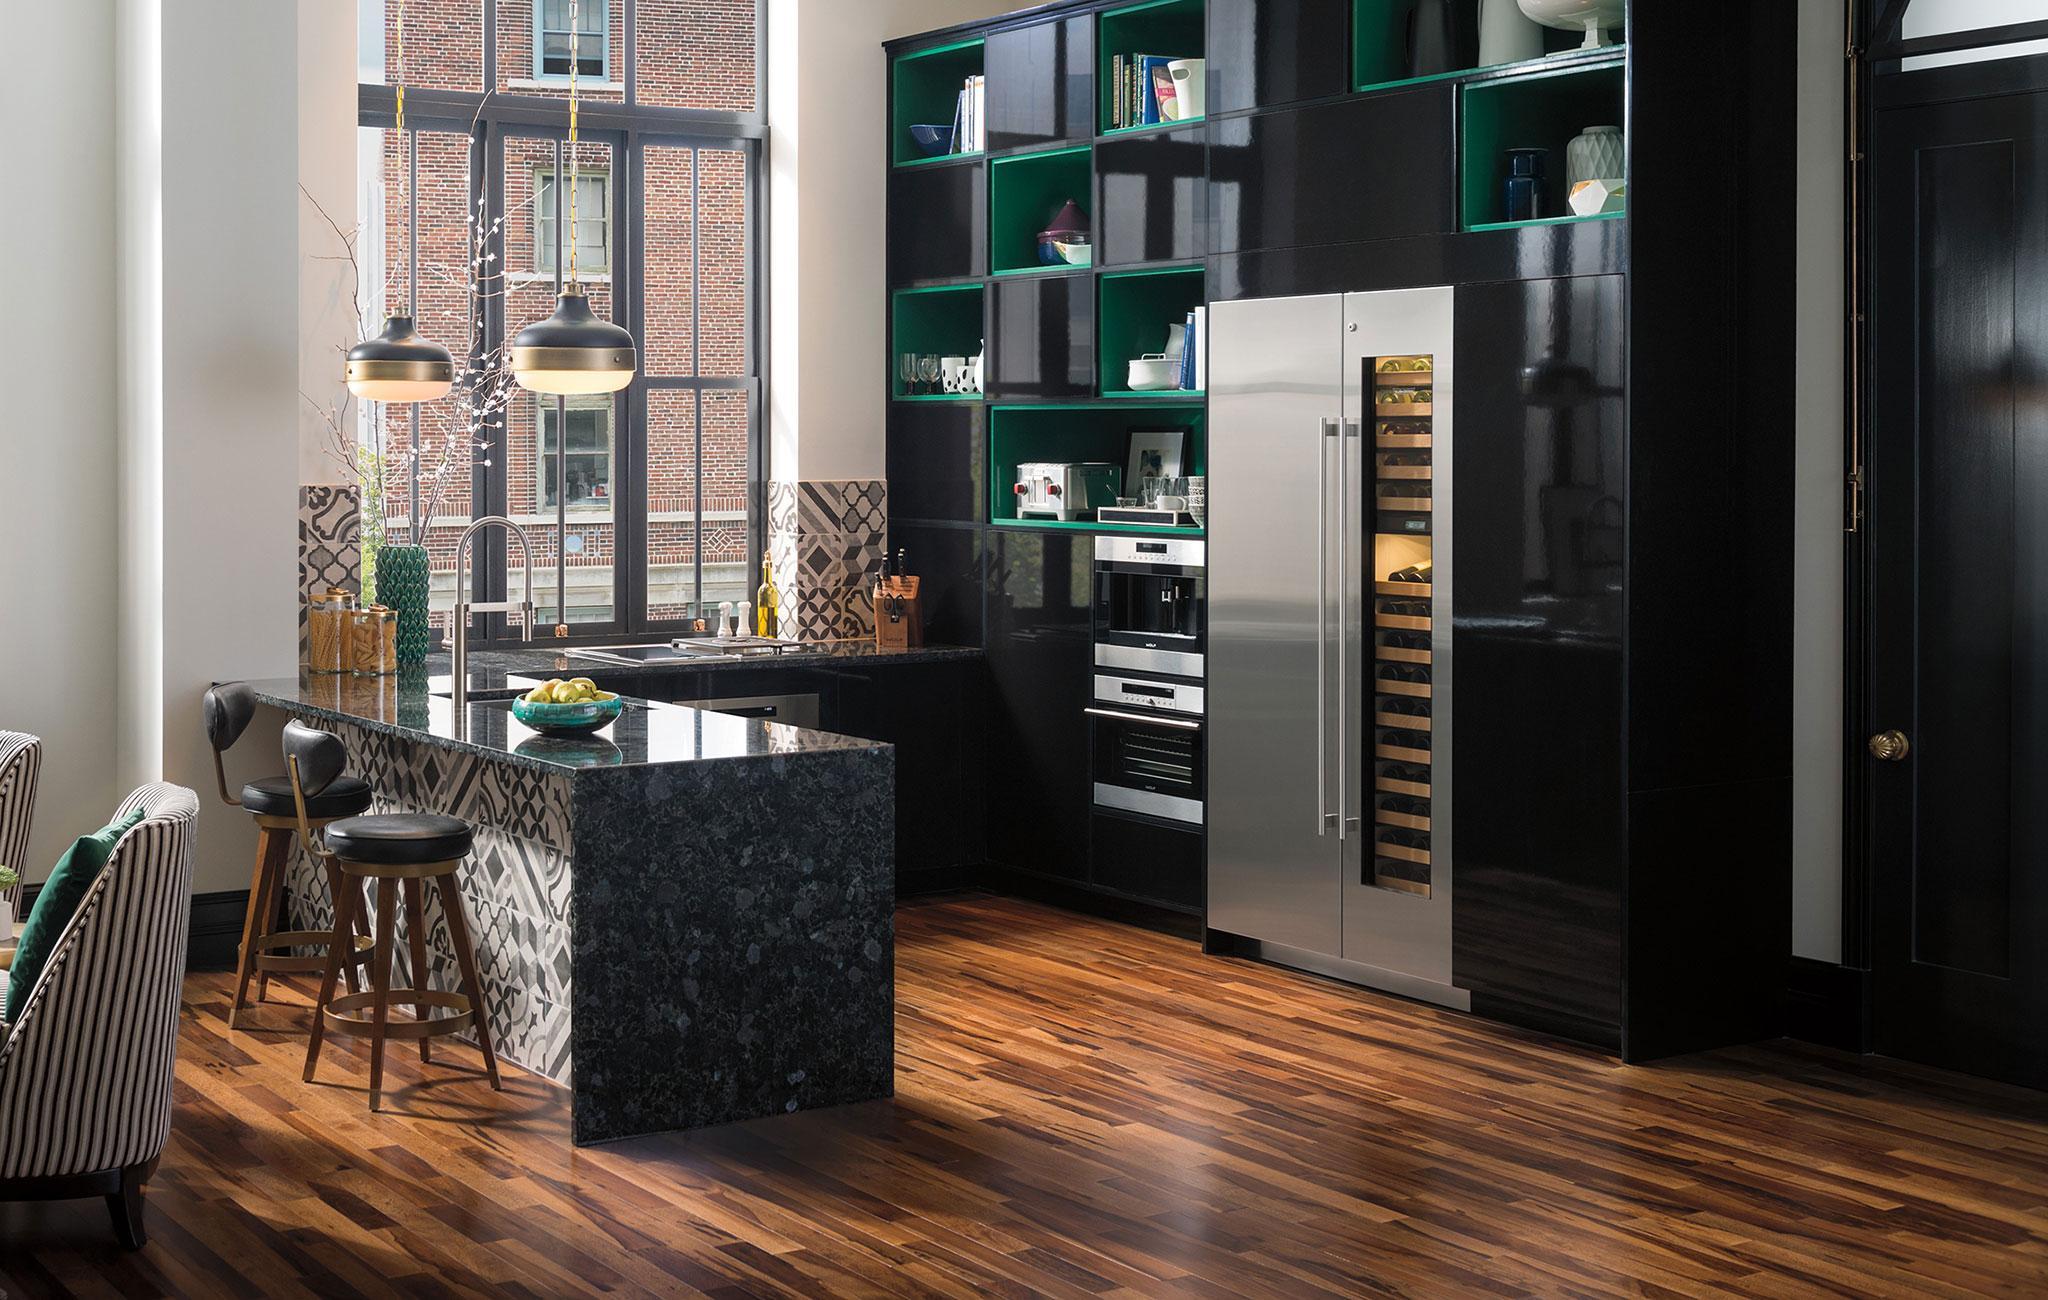 Sub Zero Model Ic24crh Caplan S Appliances Toronto